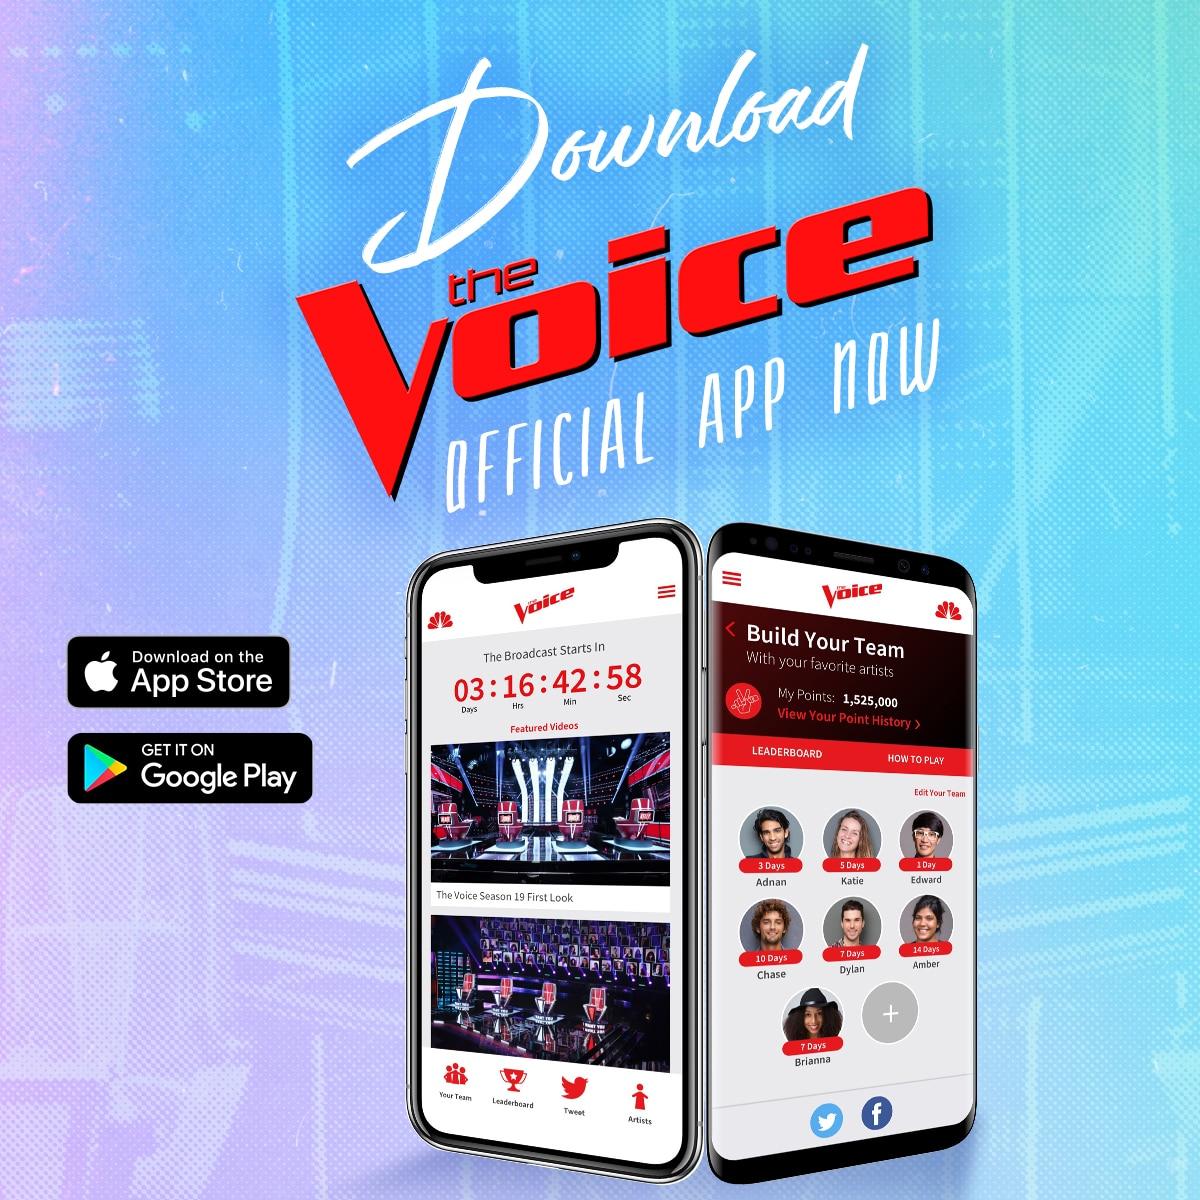 The Voice App - NBC.com